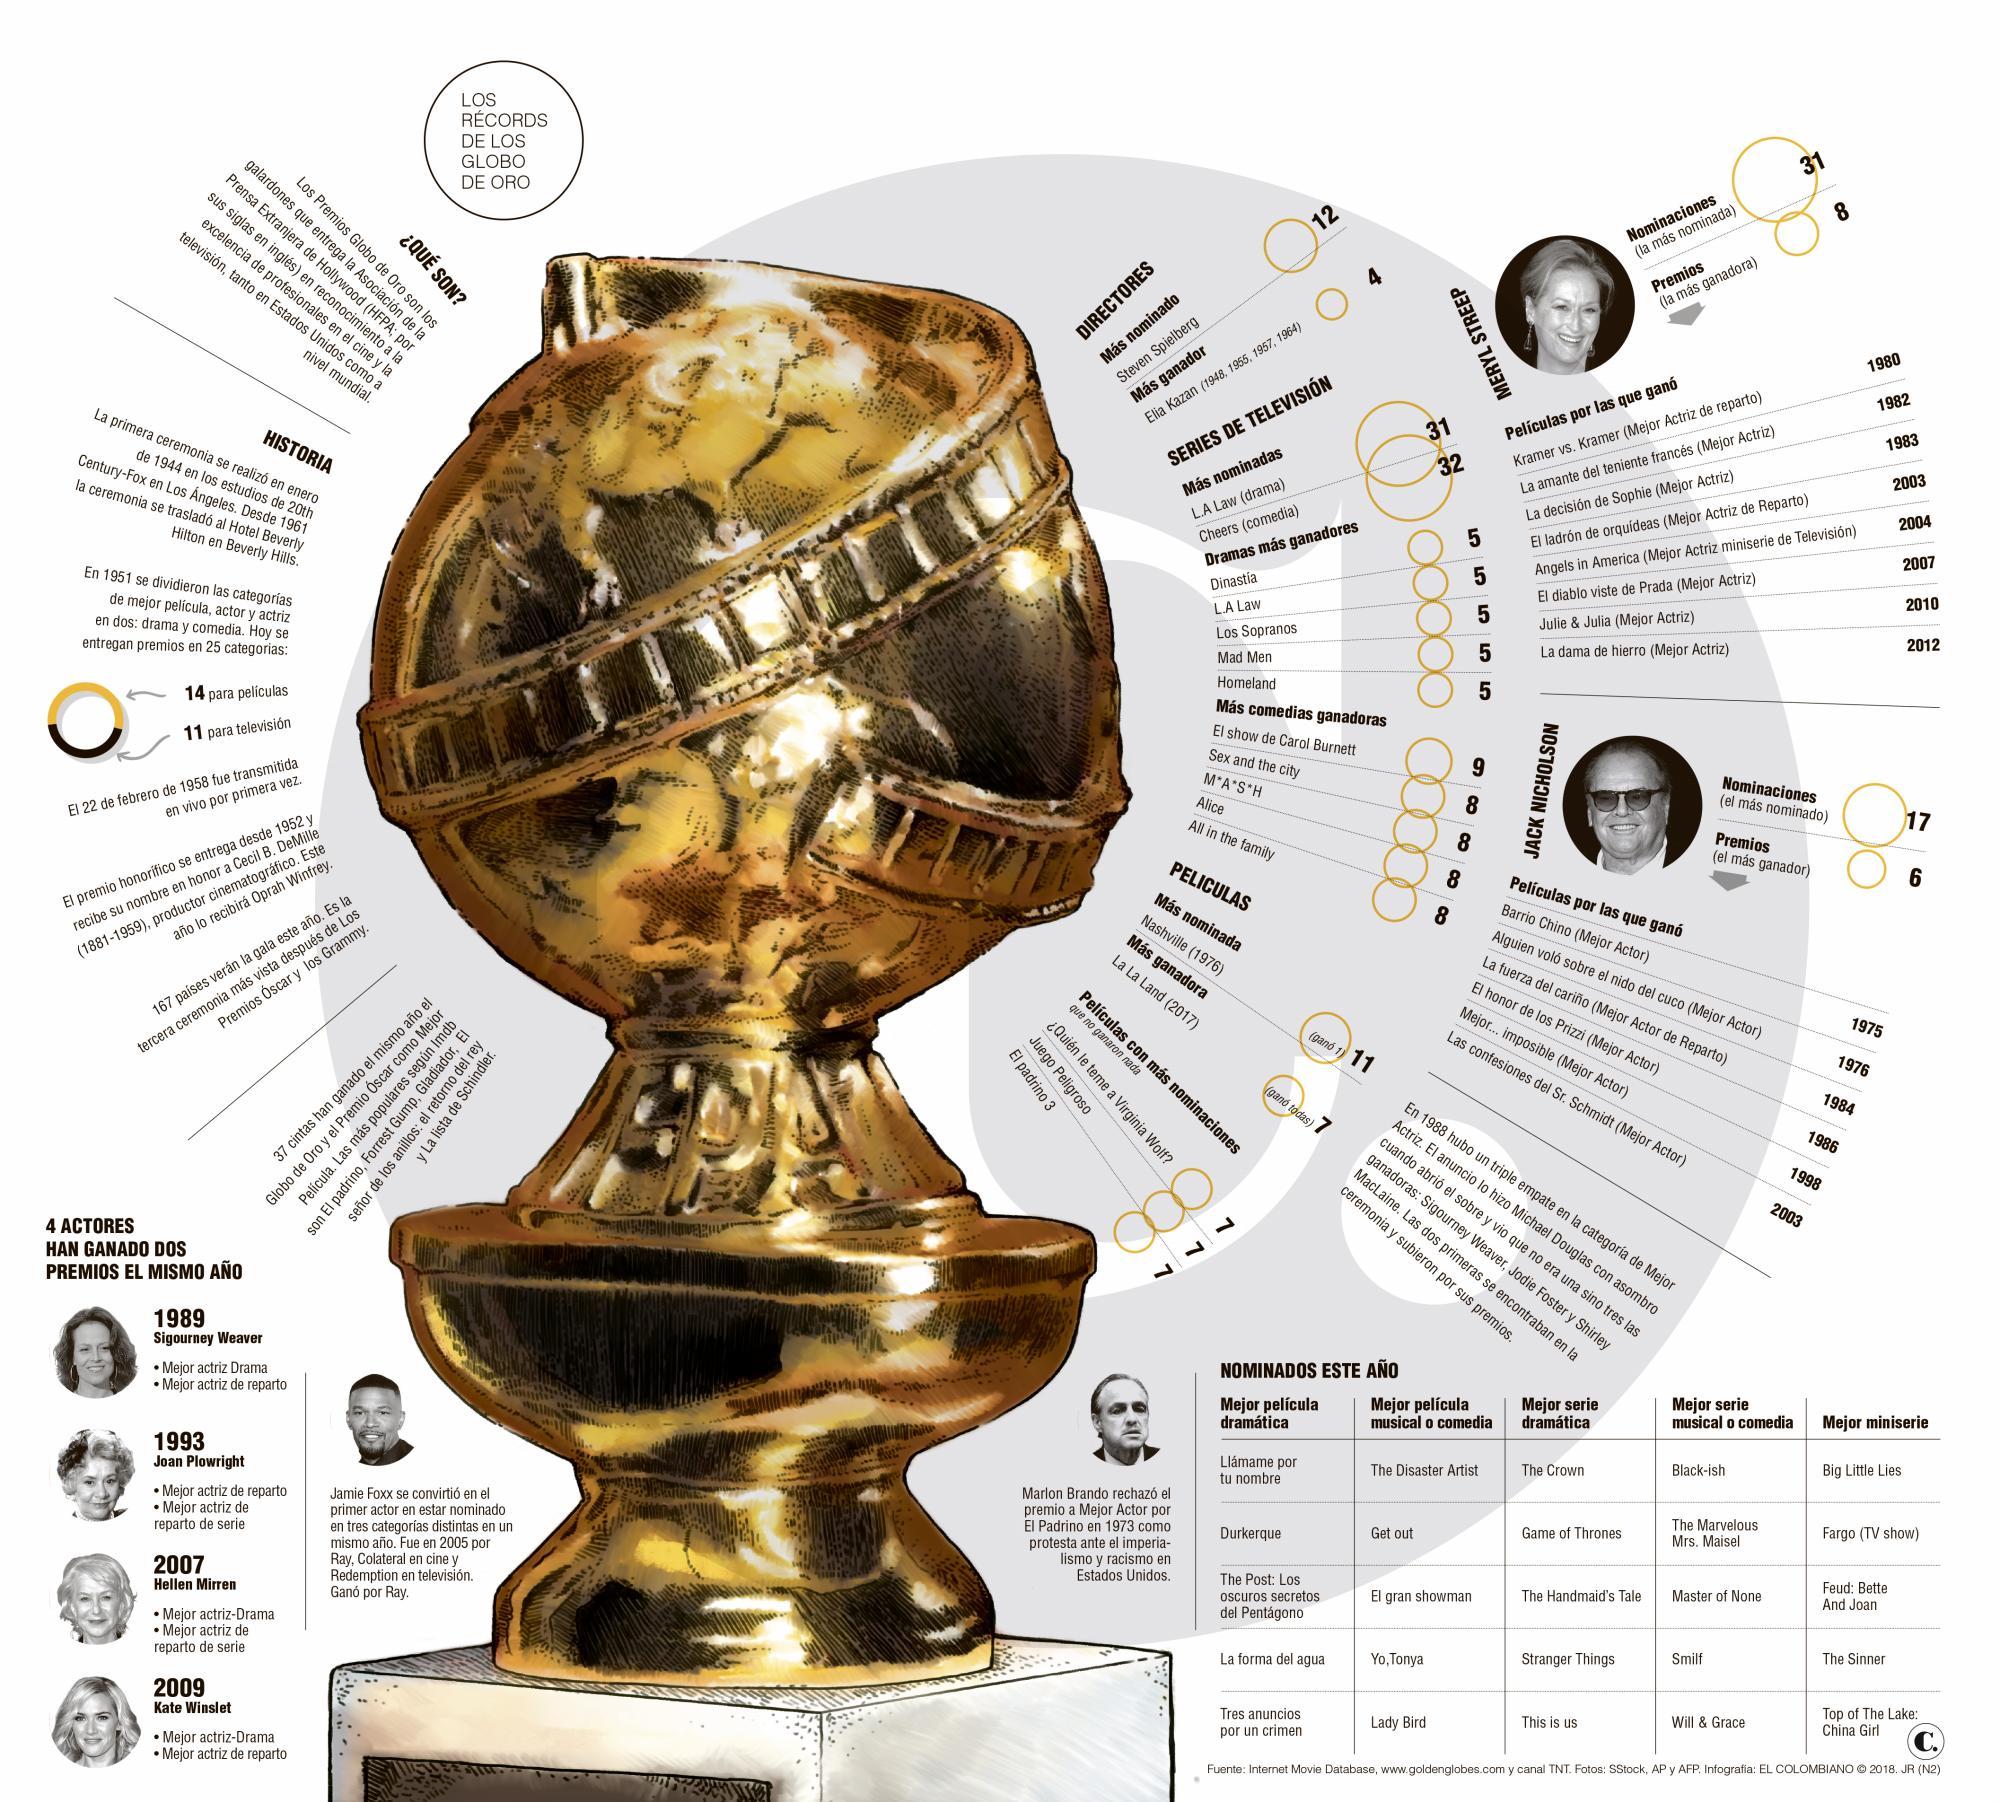 Los Globo de oro, 75 años de récords